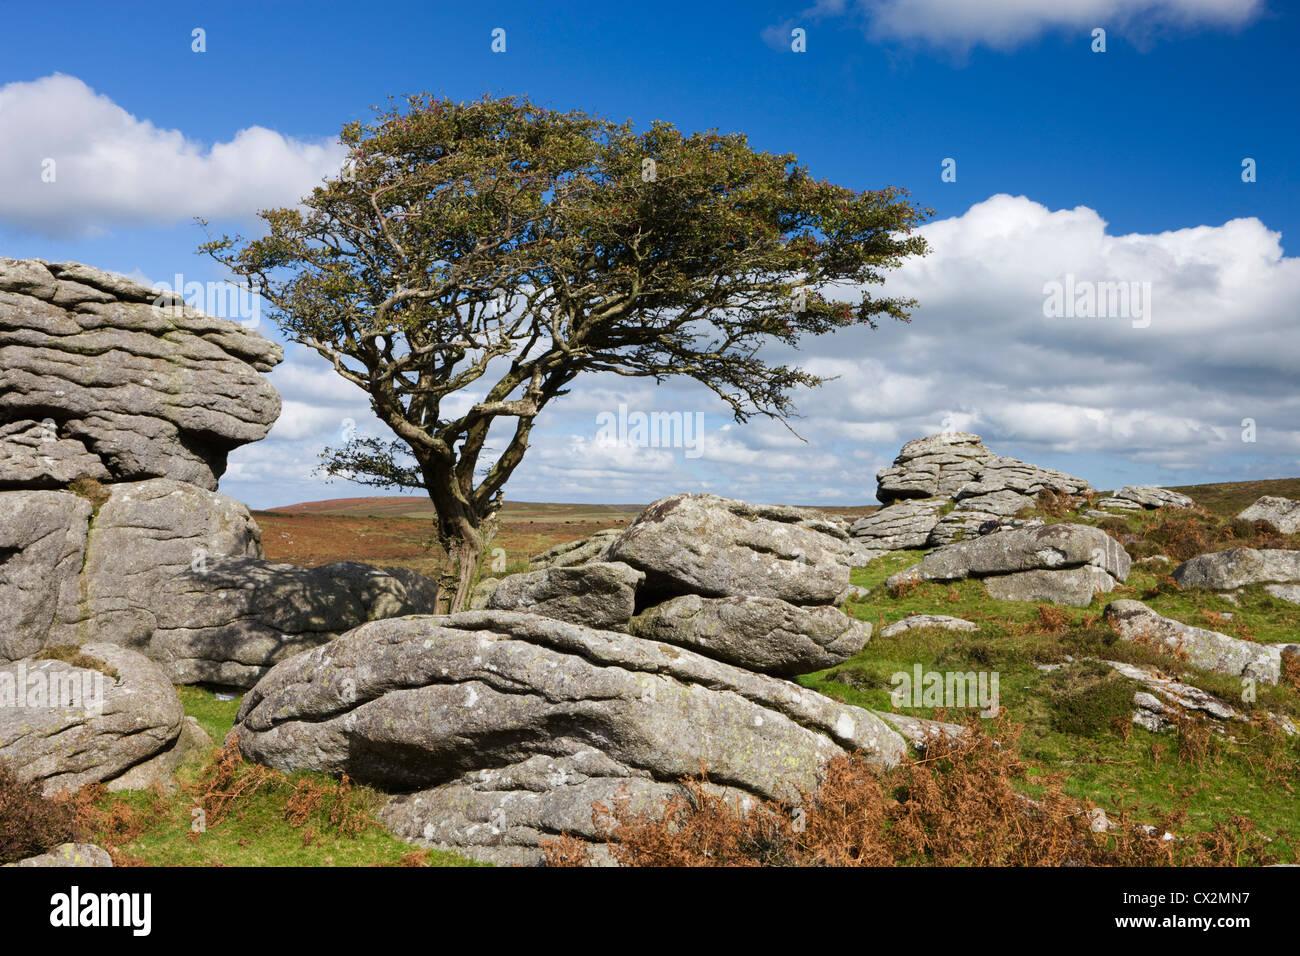 Weißdorn-Baum und Granit Felsvorsprung, Sattel Tor, Dartmoor, Devon, England. Herbst (Oktober) 2010. Stockbild